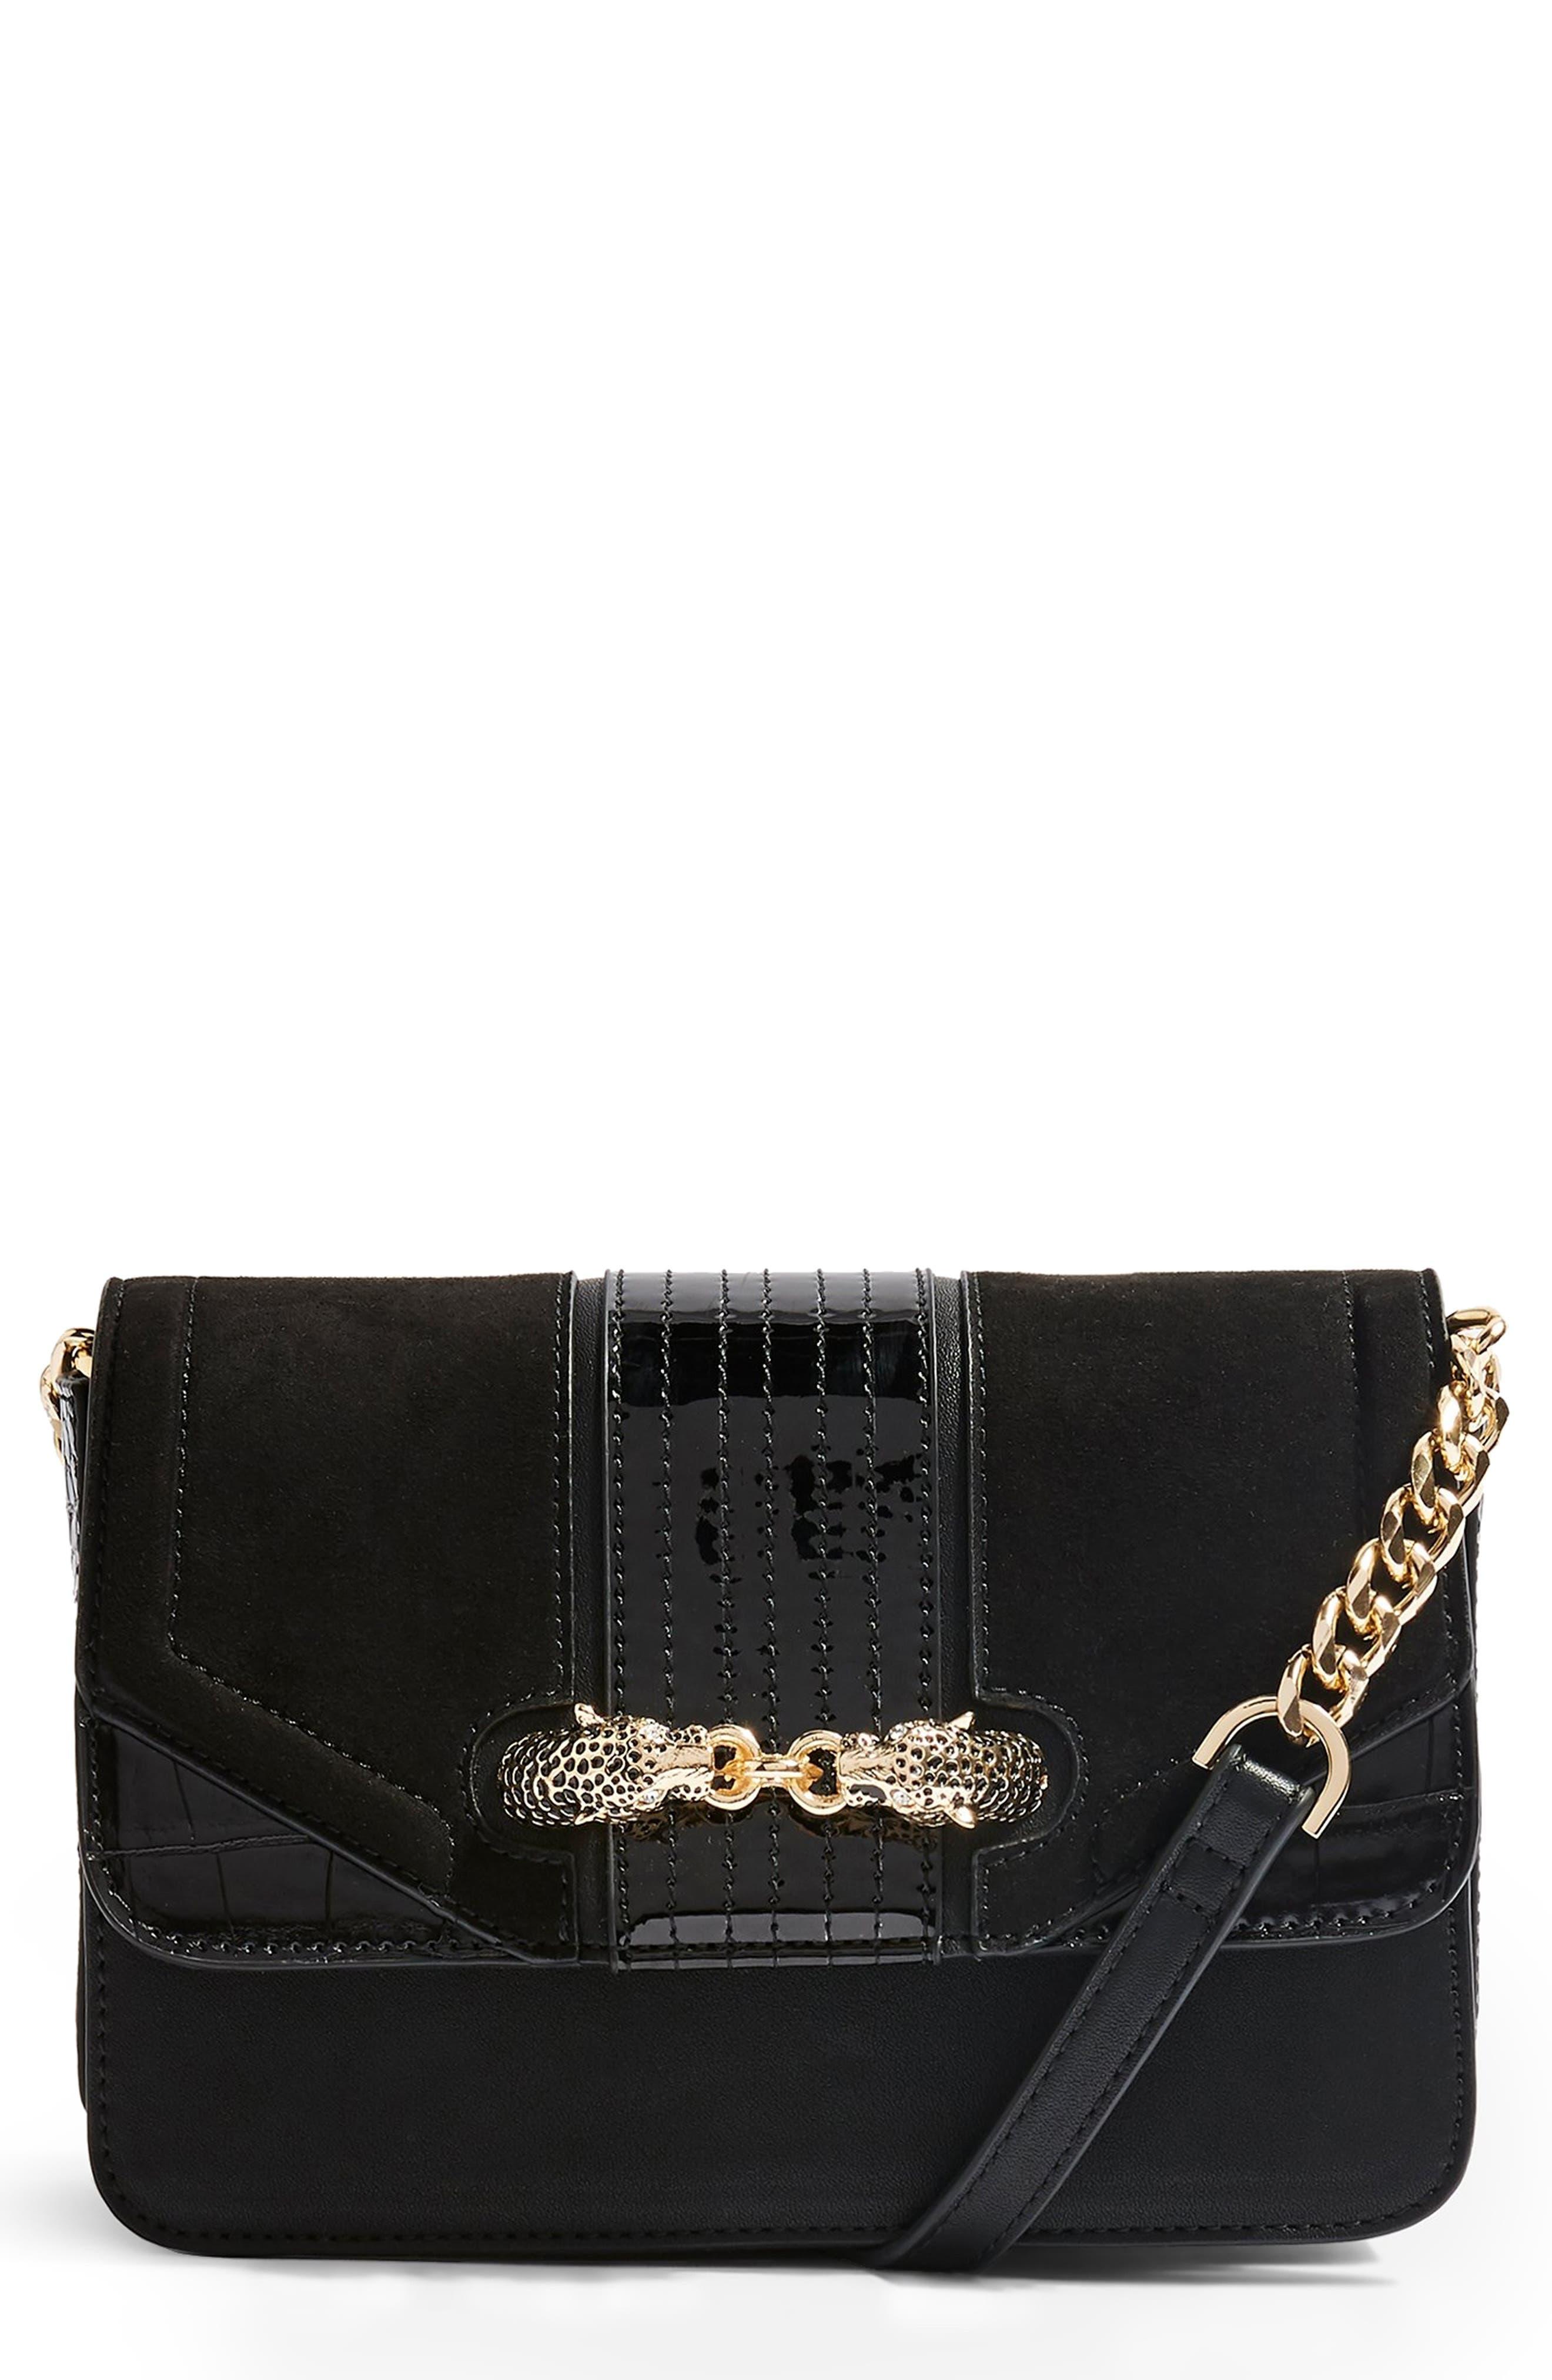 TOPSHOP Cheetah Crossbody Bag, Main, color, BLACK MULTI